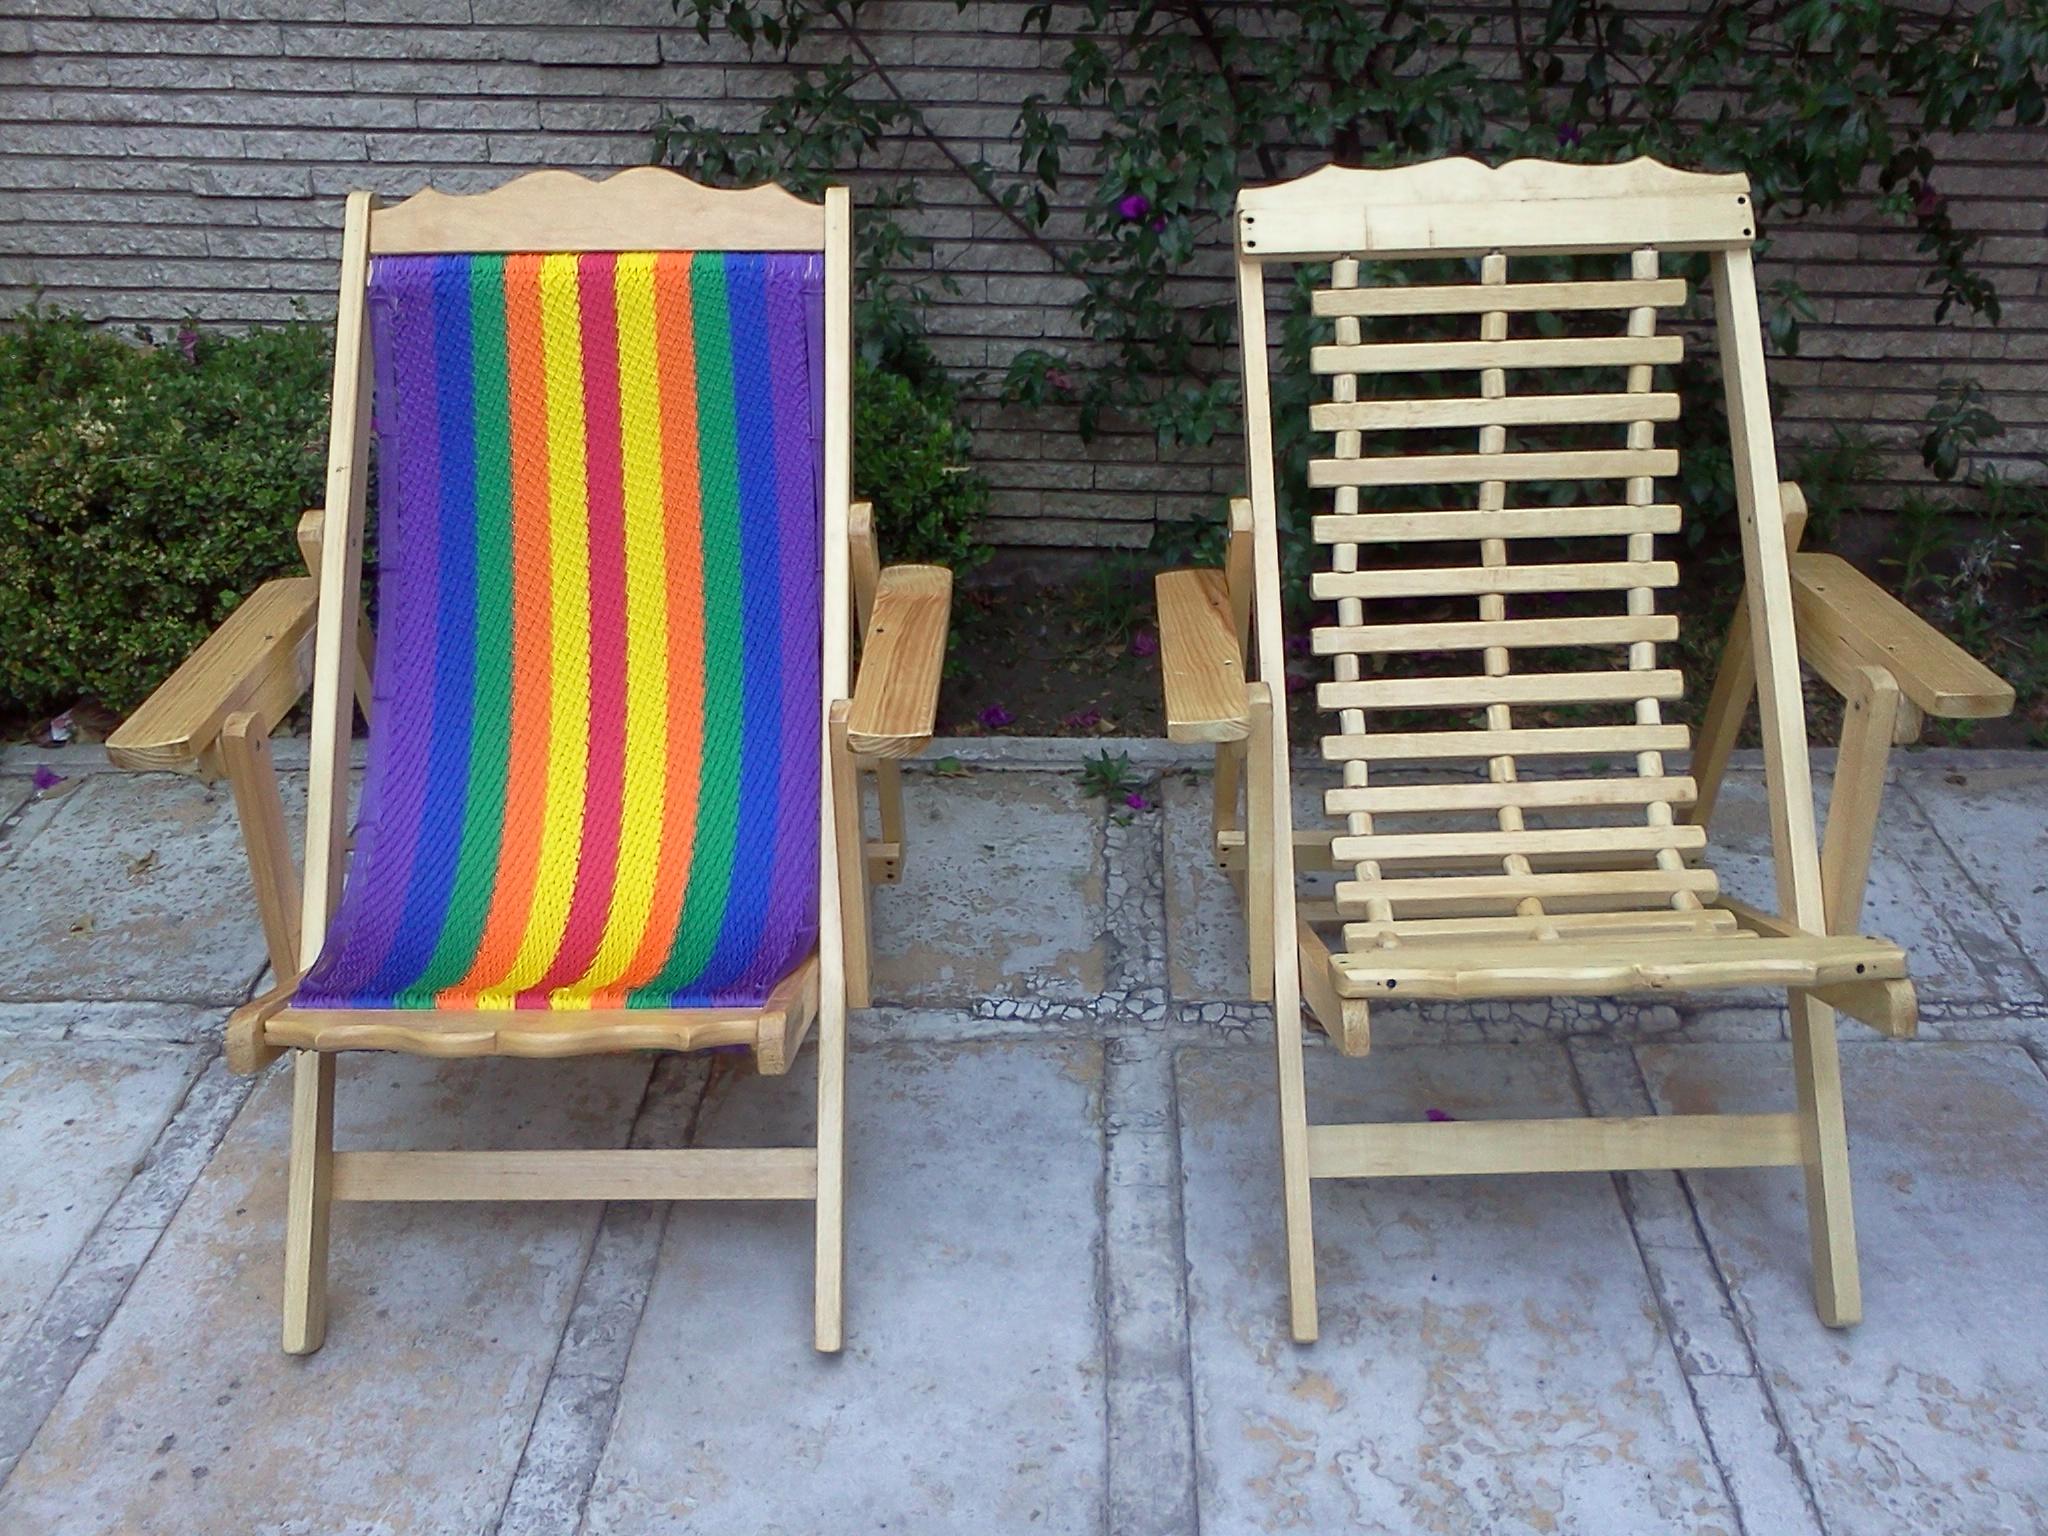 Venta de sillas mecedoras y mesitas mujeres y la sexta for Comprar sillas de madera